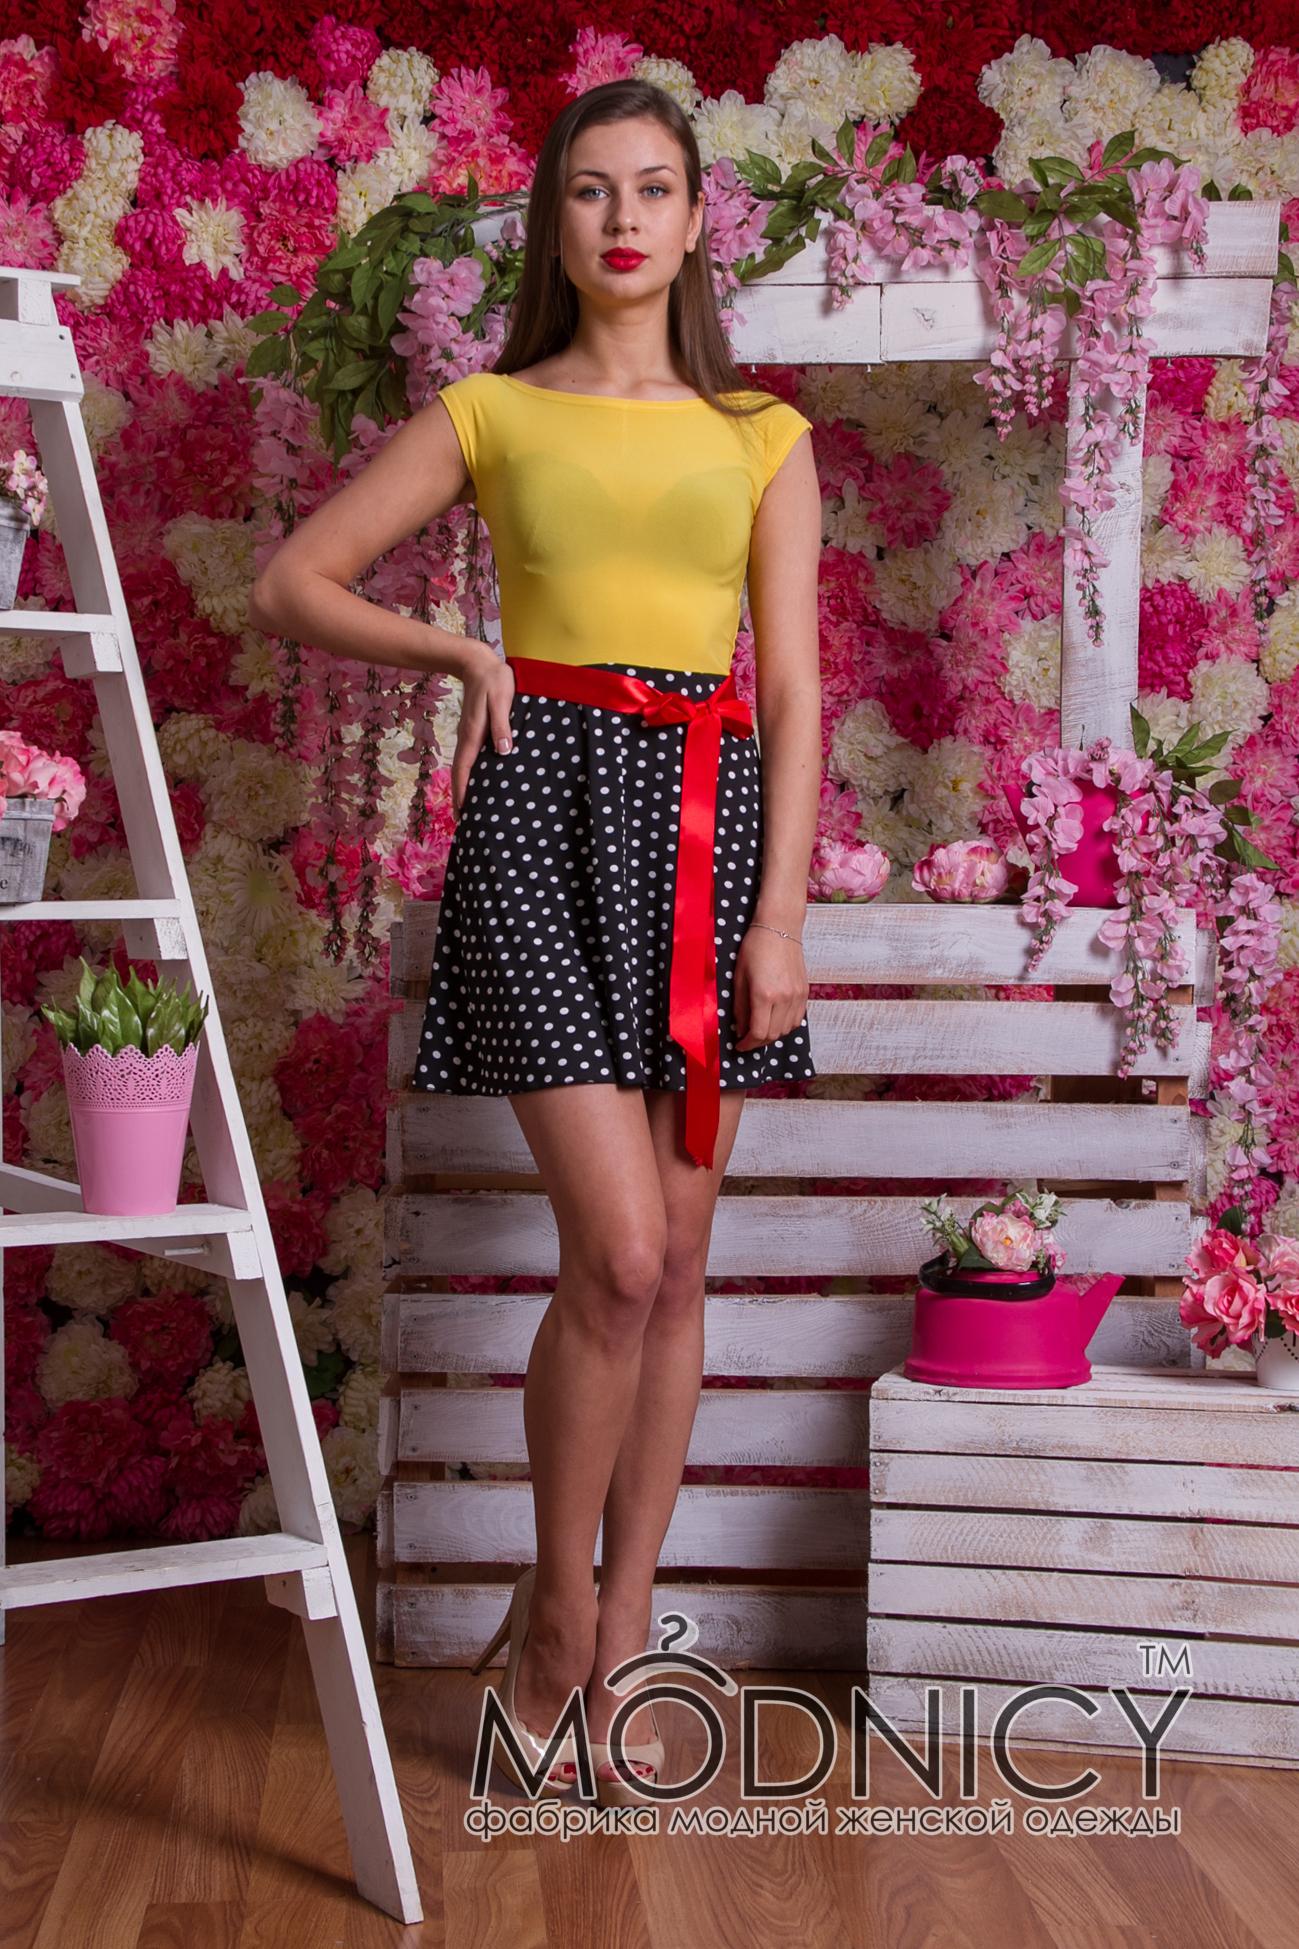 Модница Россия Интернет Магазин Женской Одежды Официальный Сайт